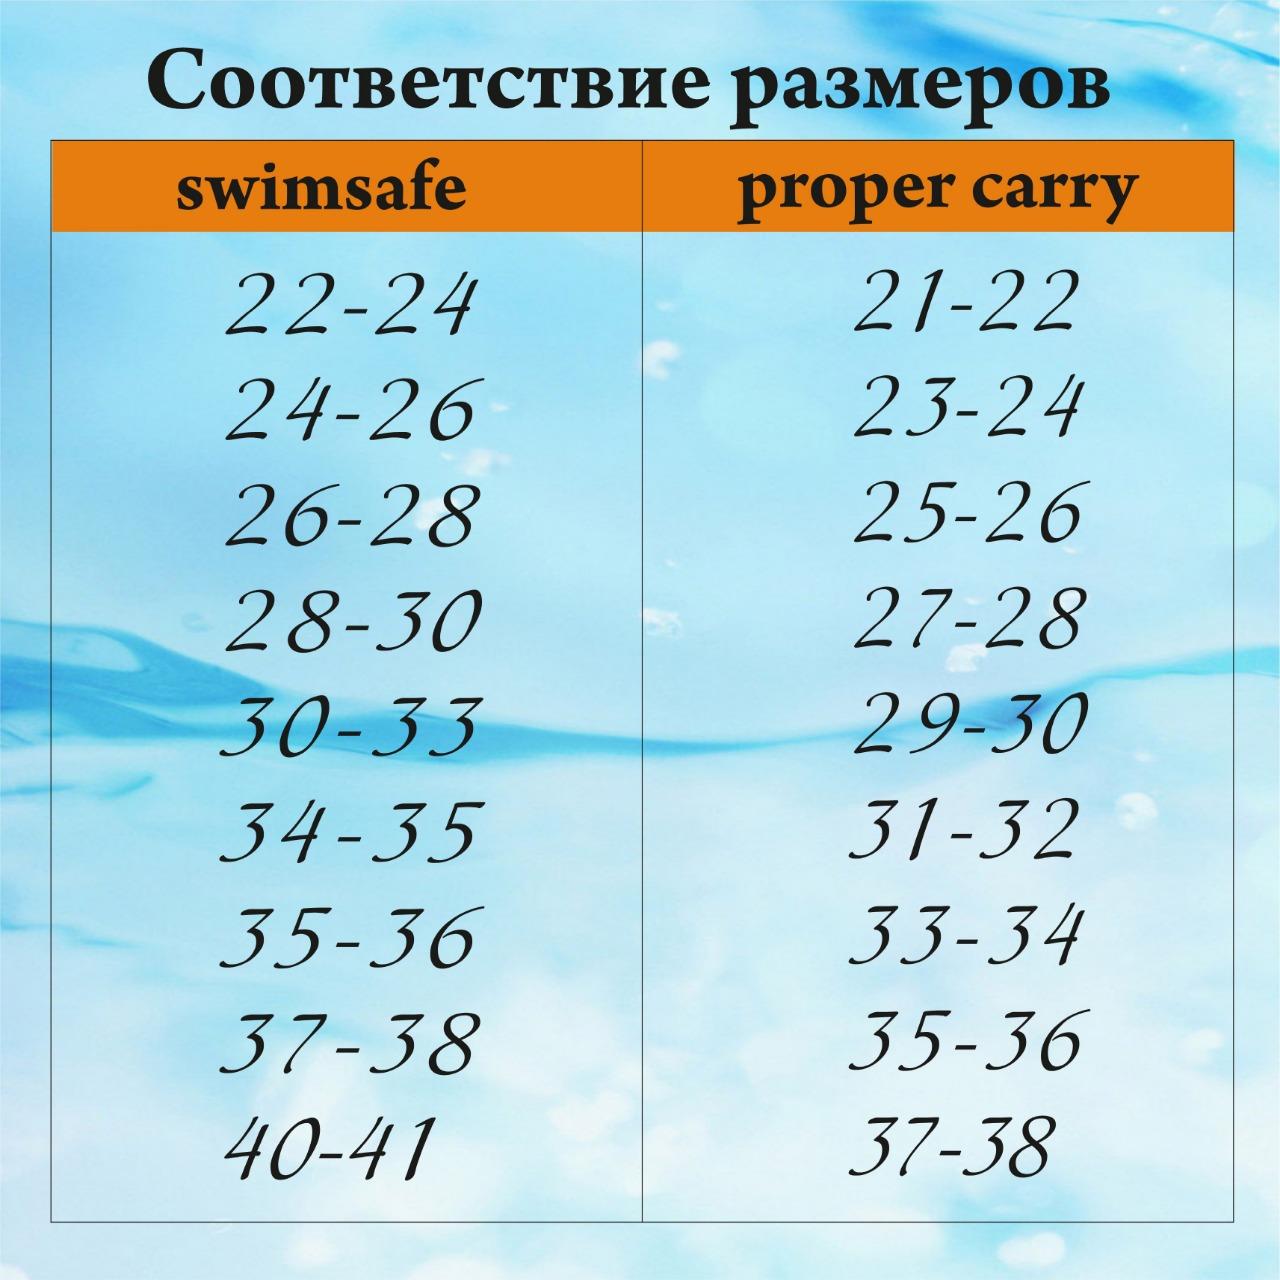 Детские ласты для плавания Proper-Carry тренировочные р. 29-30, 31-32, 33-34, 35-36, 37-38, 39-40, - фото 7